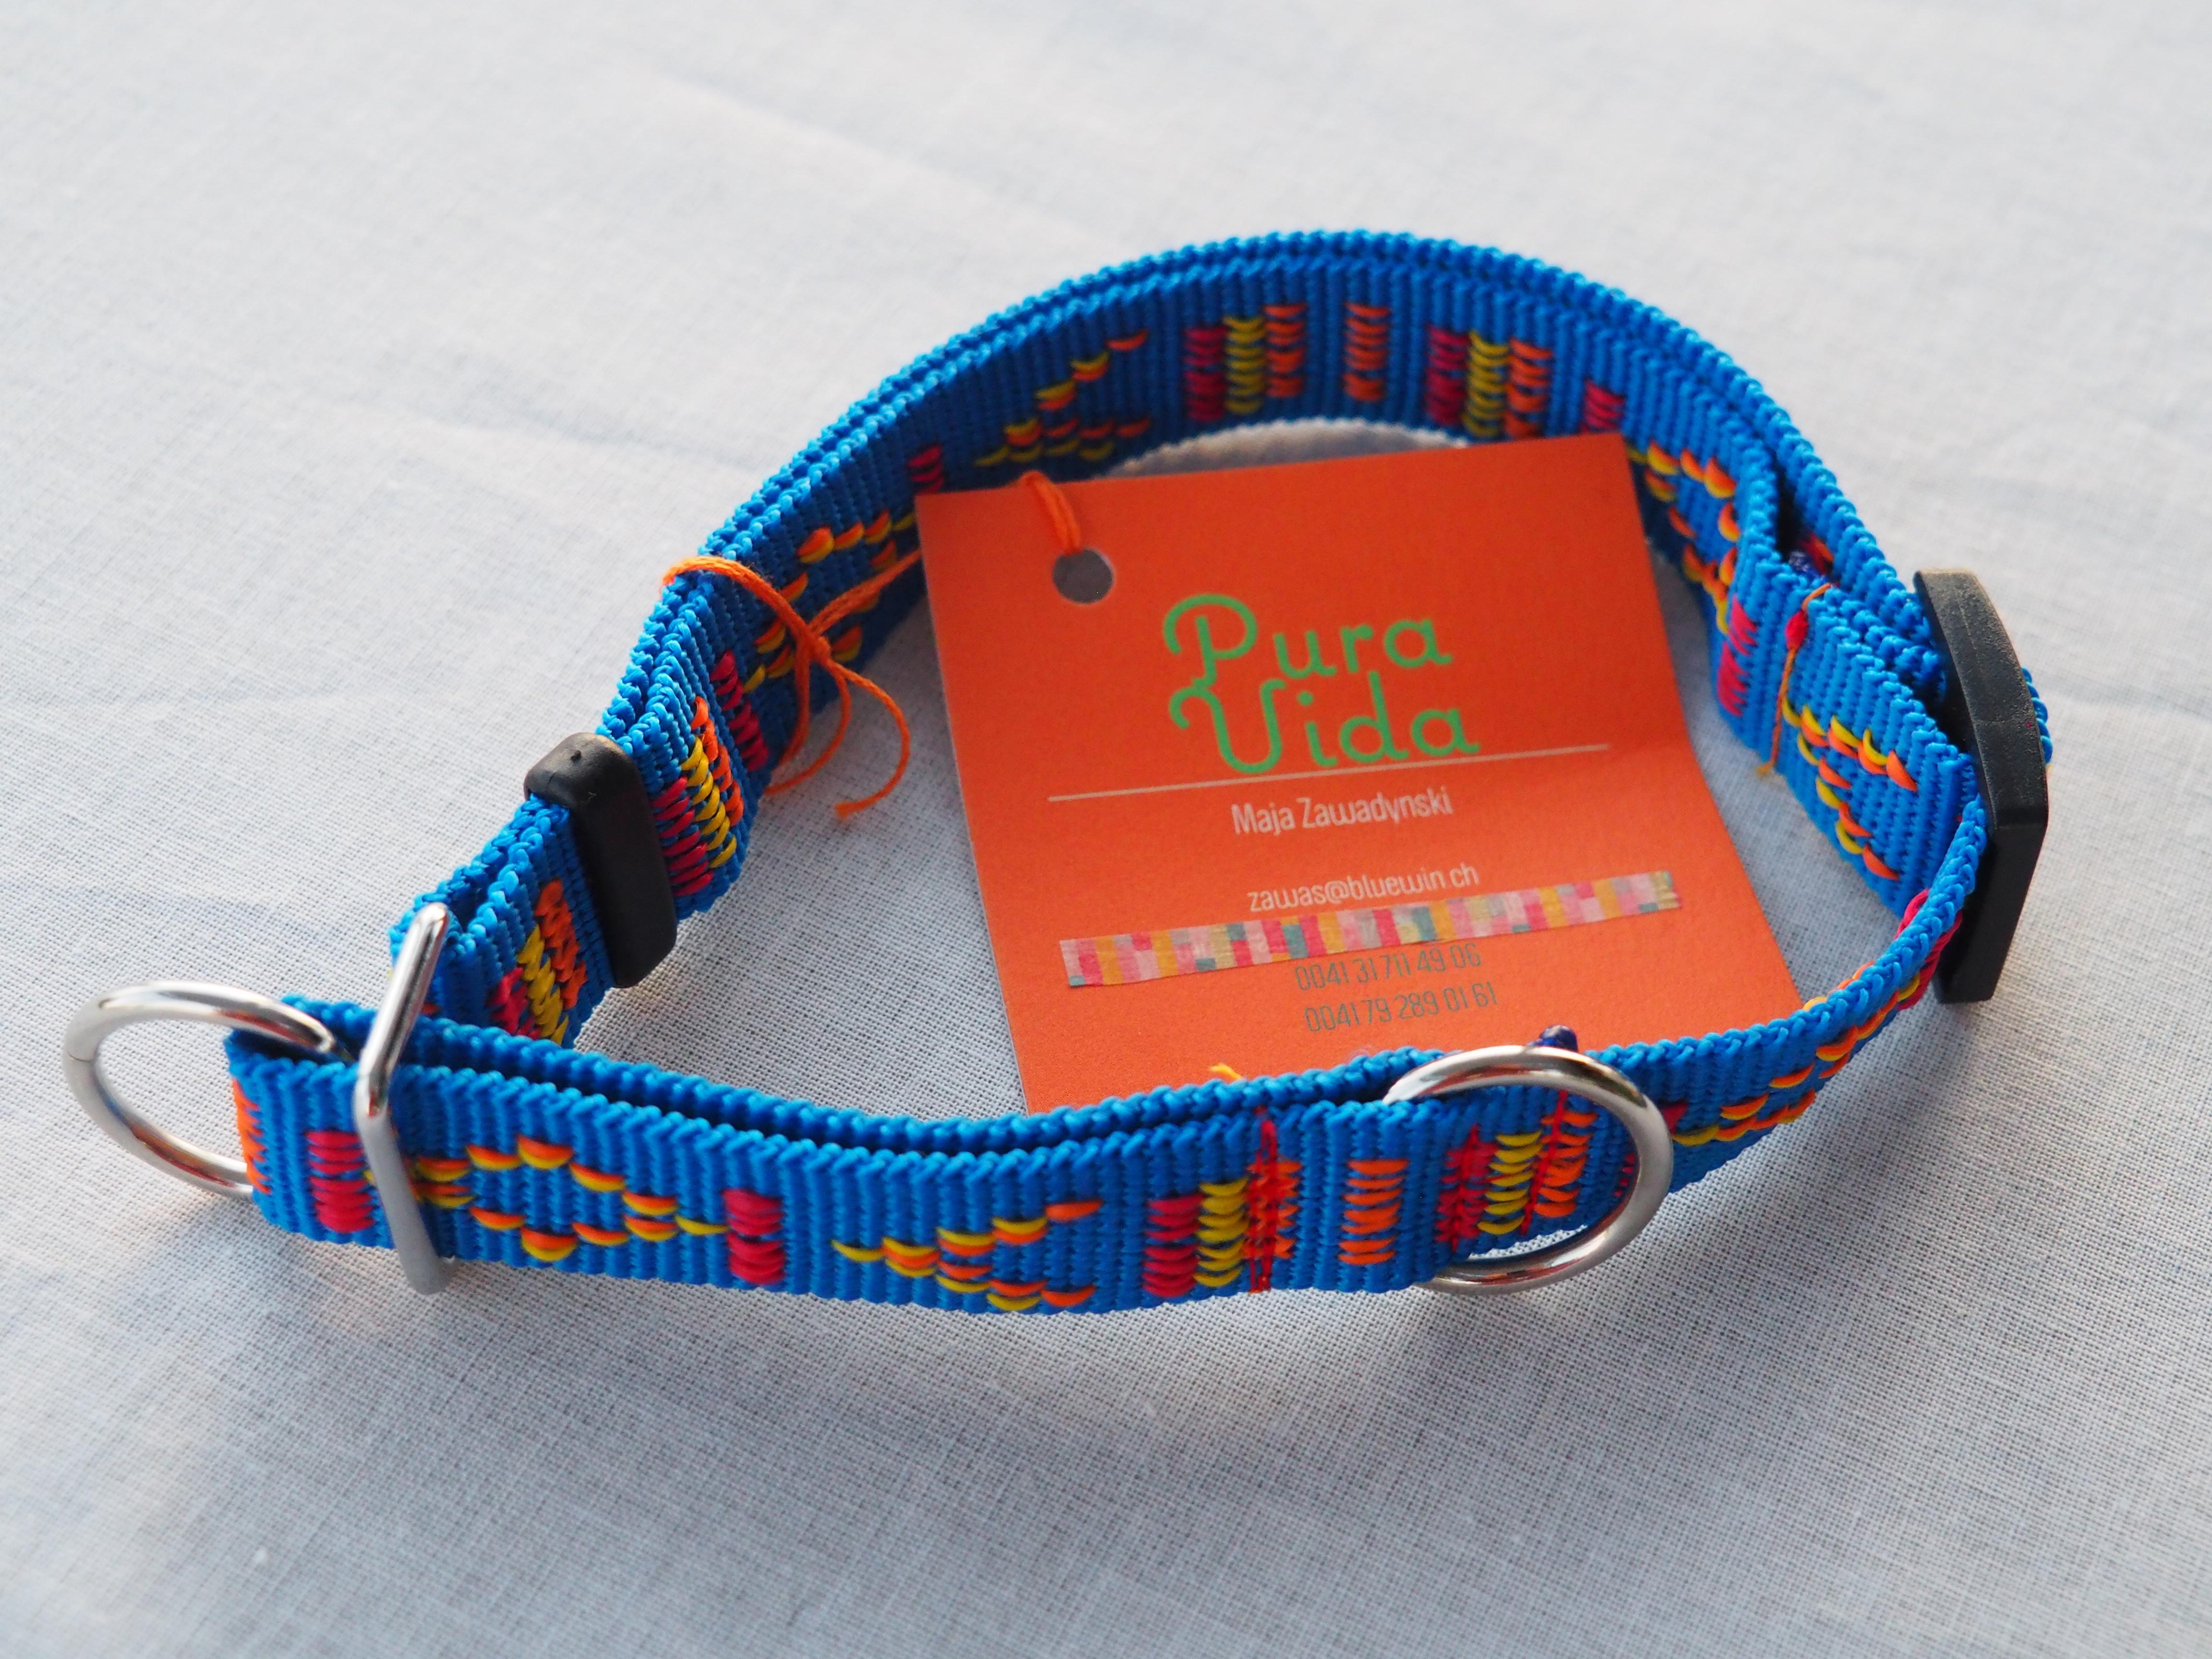 Halsband Sonntag blau